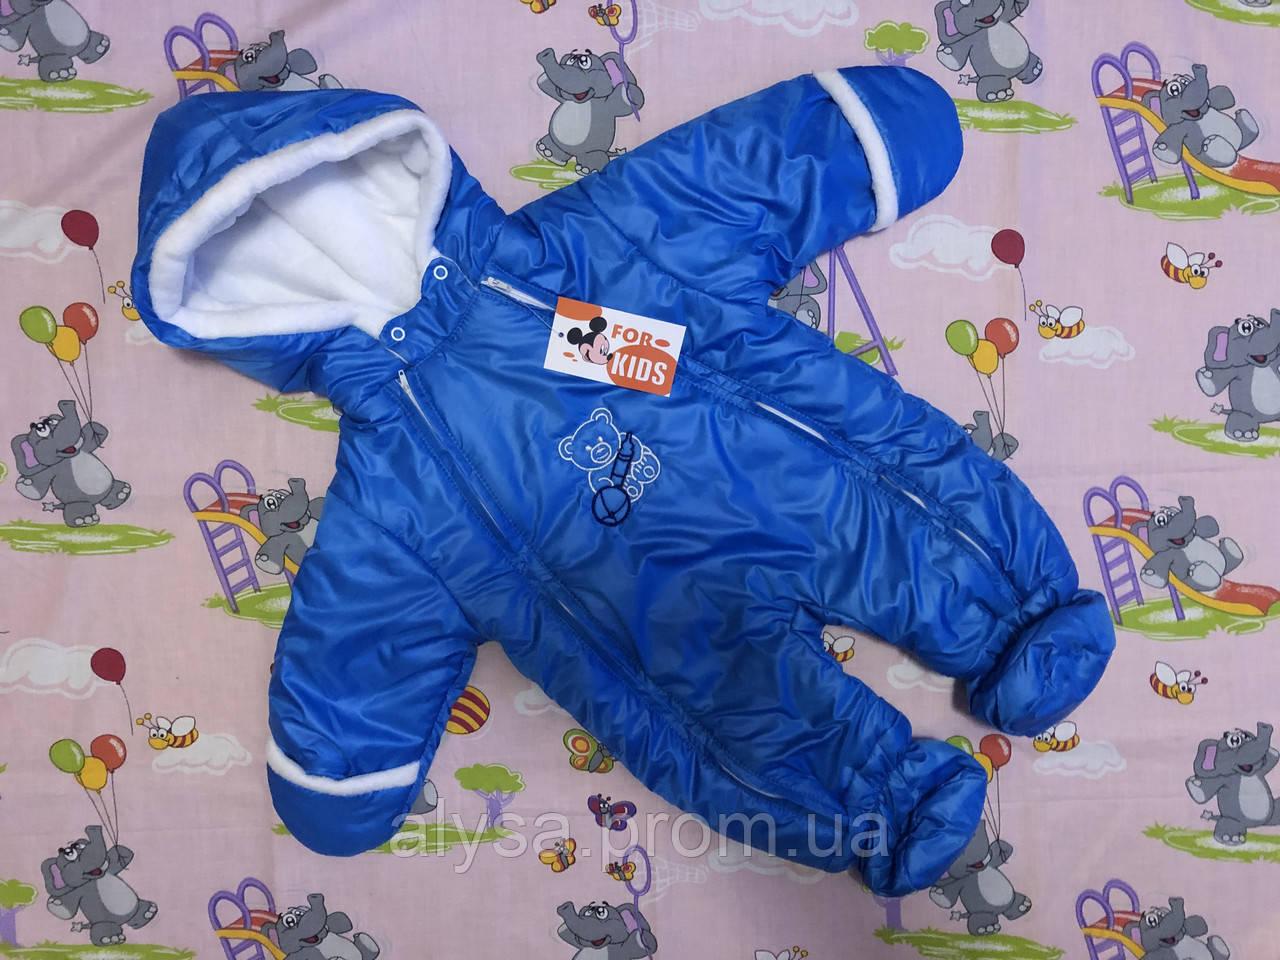 Комбинезон для новорожденных голубой (плащевка, флис плотный)